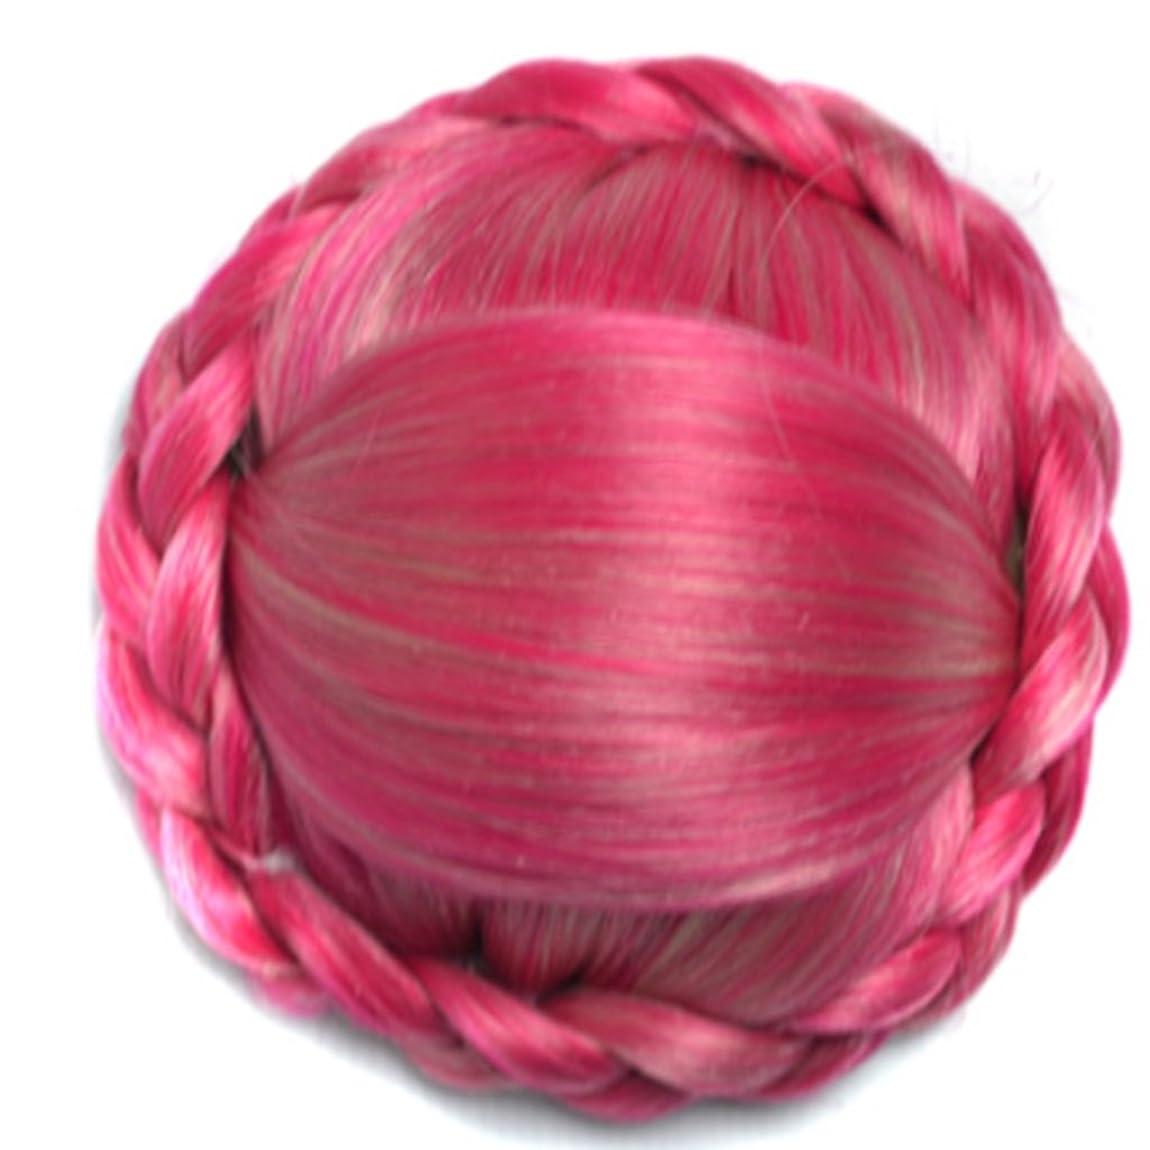 オリエンテーションいつでもお肉JIANFU 化学繊維で作られた合成のかつら、ヴィンテージの編組で包まれた拡張赤毛は軽いことができます (Color : レッド)